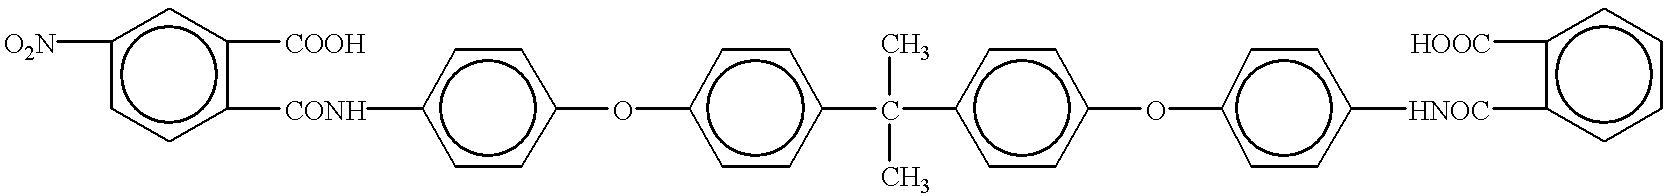 Figure US06180560-20010130-C00613